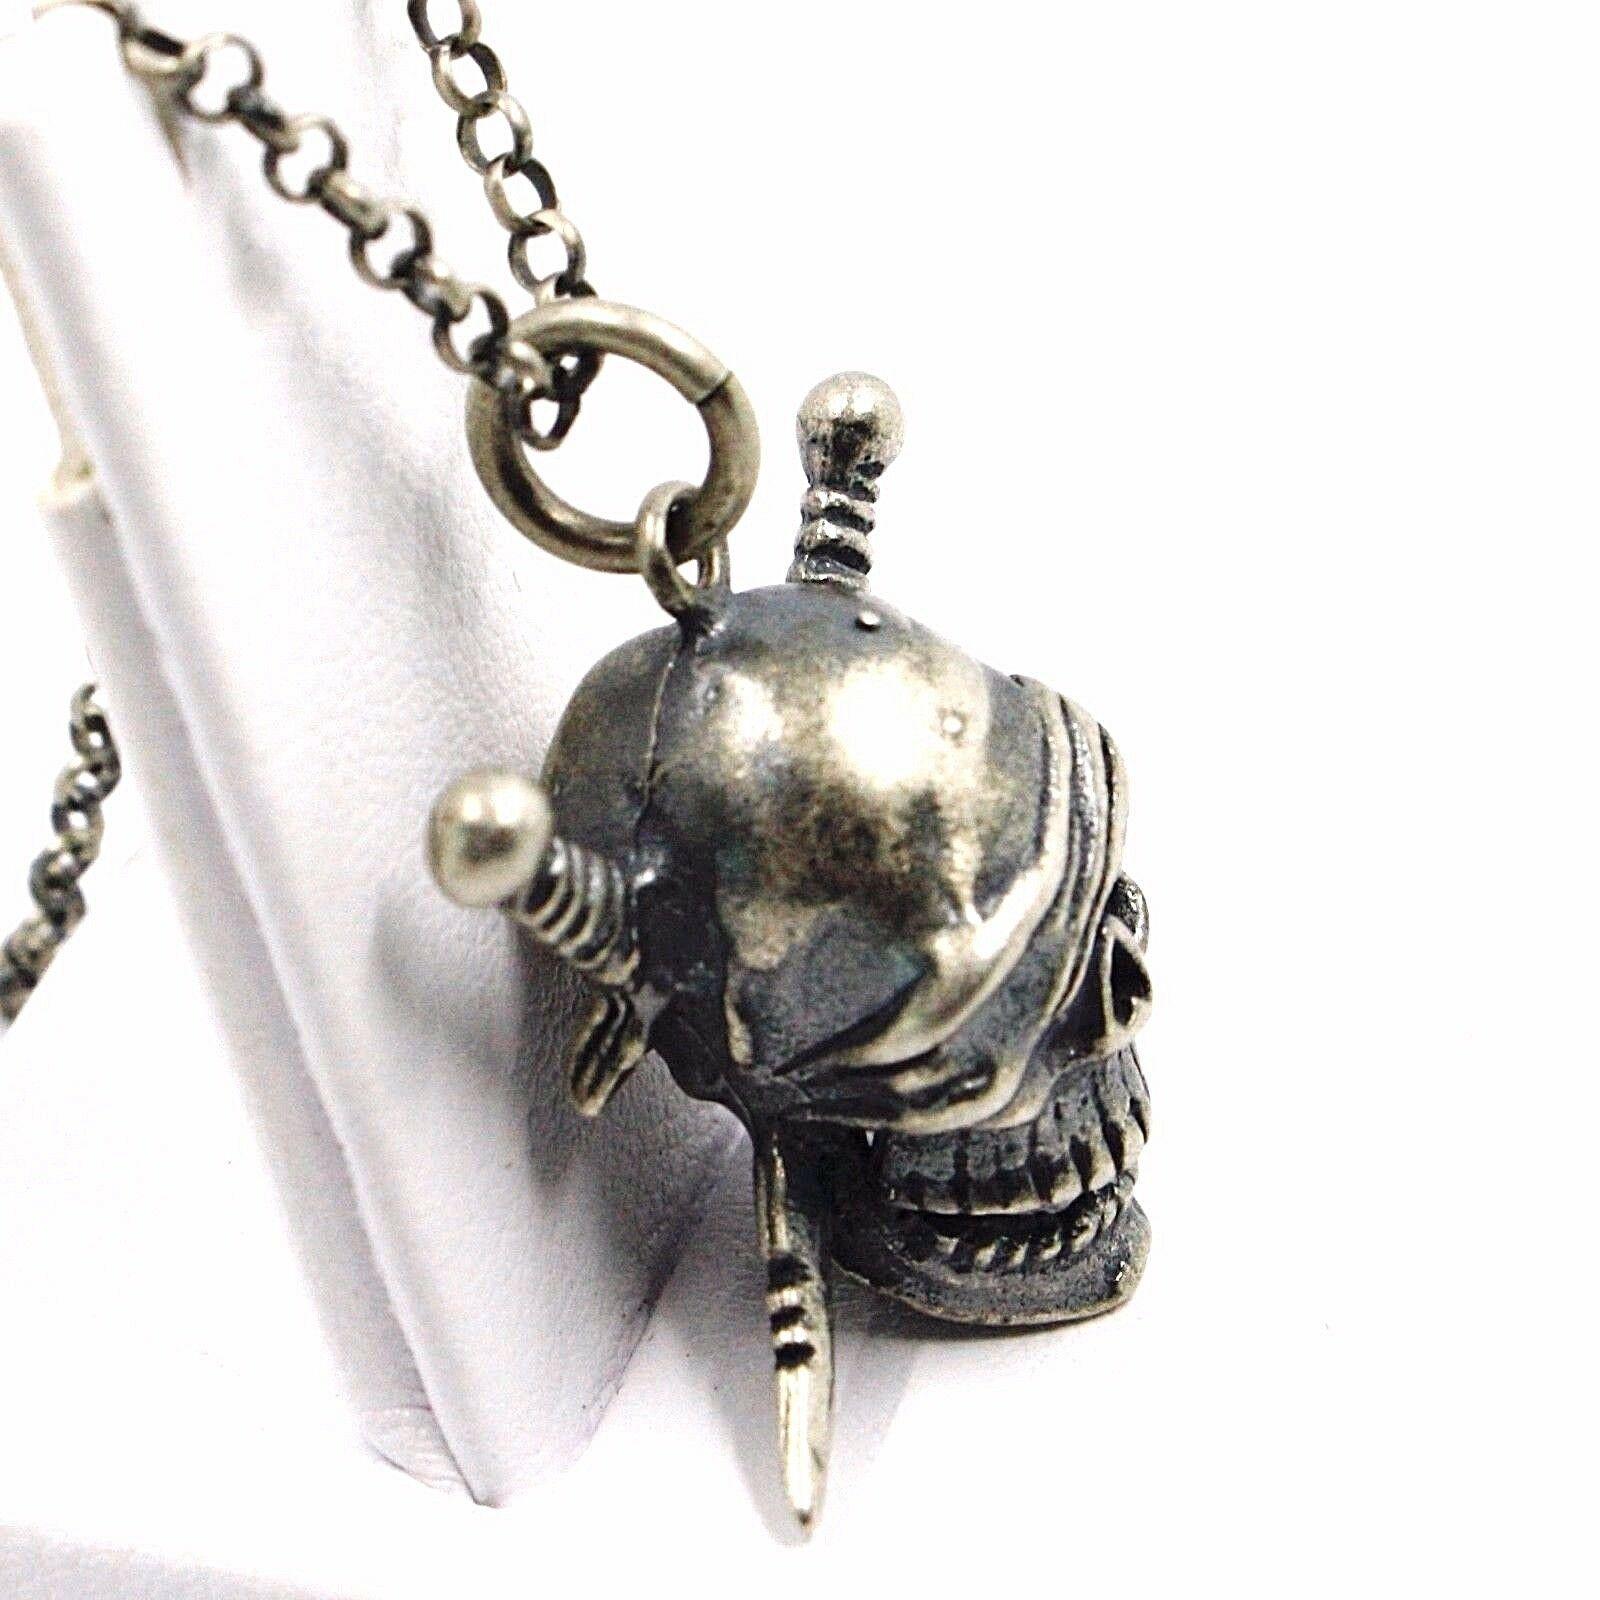 Halskette und Anhänger, Silber 925, Brüniert Matt, Schädel Pirat, Kette Rolo